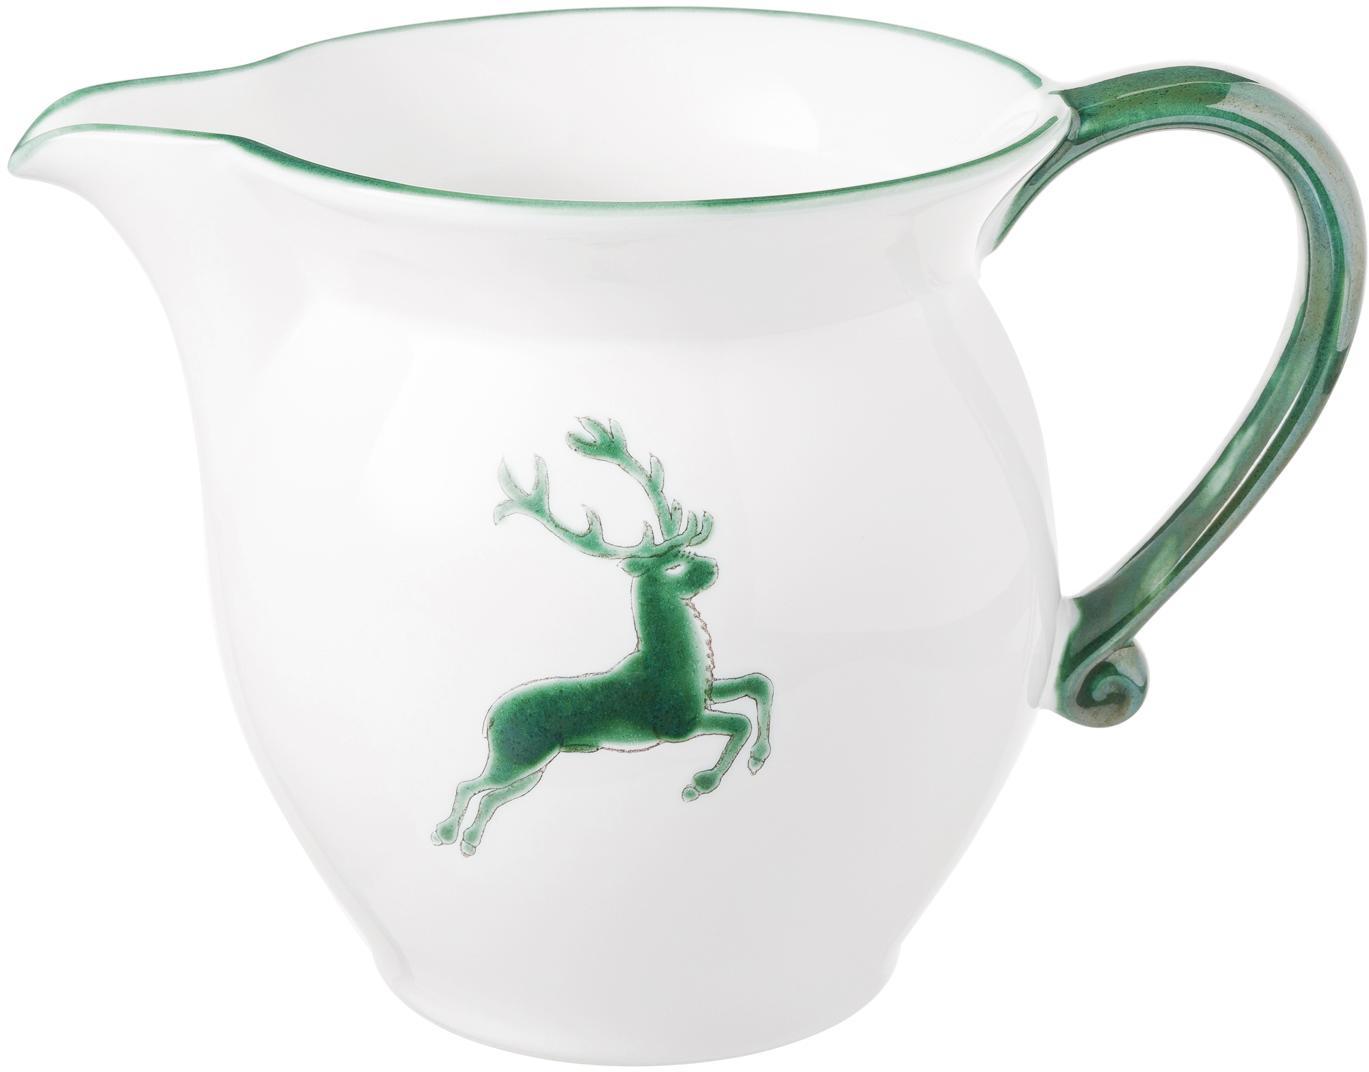 Ręcznie malowany dzbanek do mleka Classic Grüner Hirsch, Ceramika, Zielony, biały, 300 ml